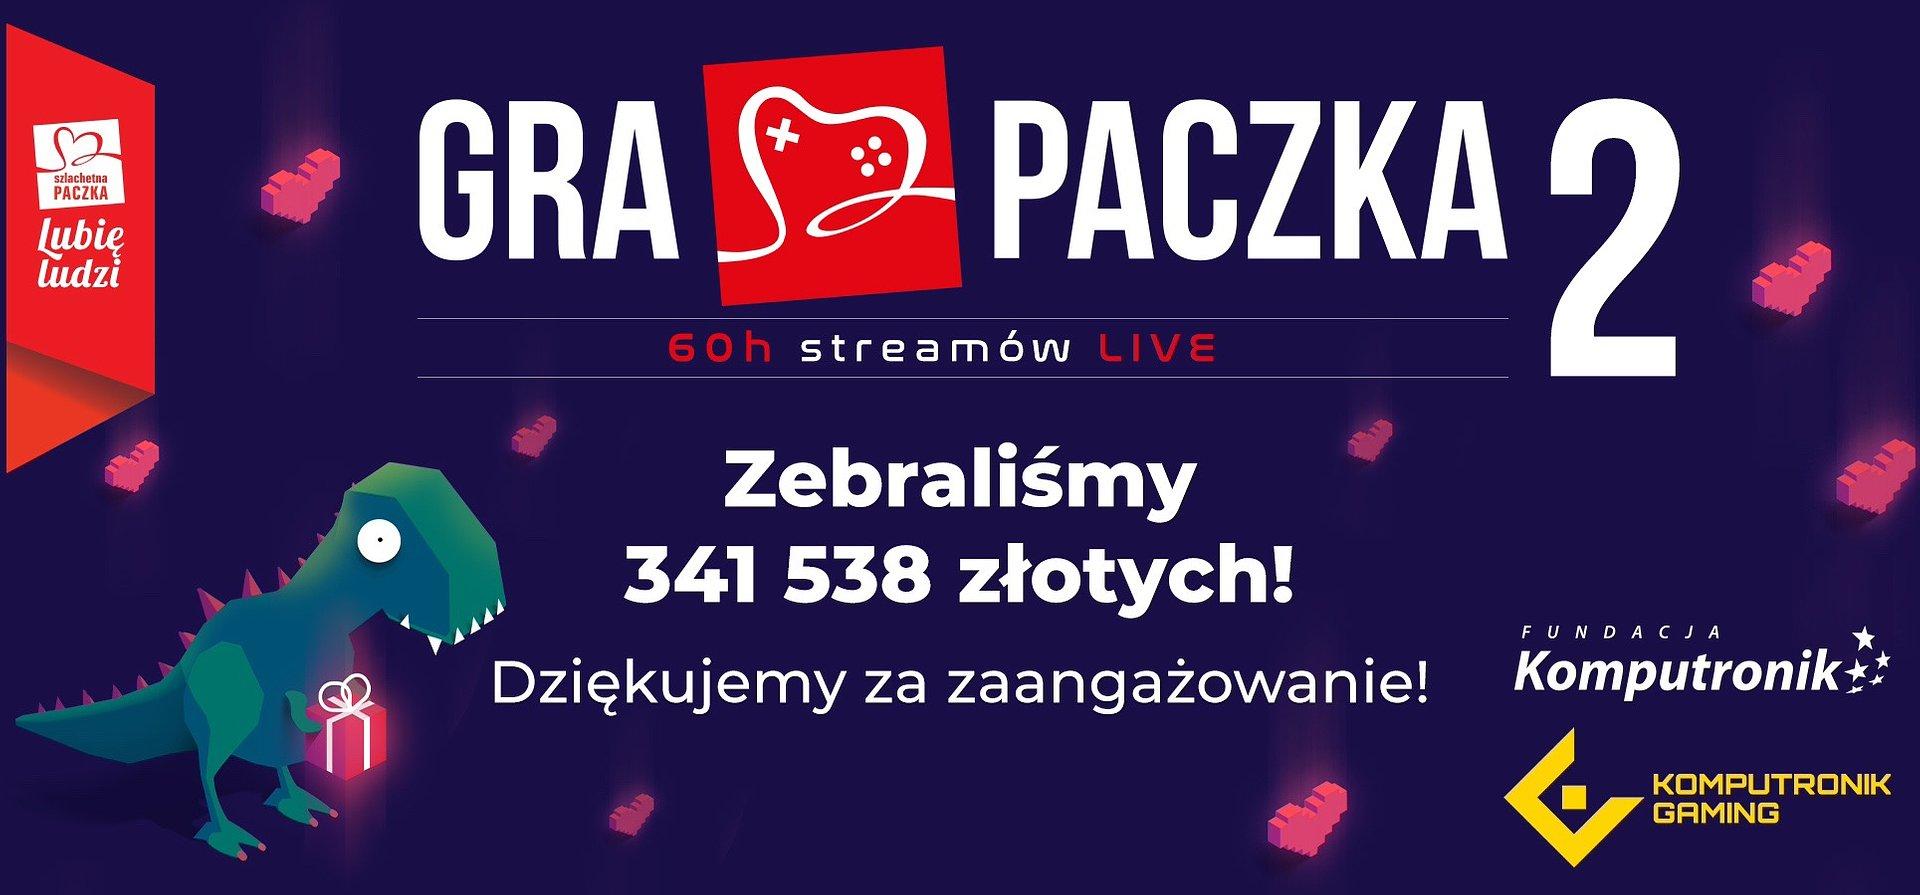 Gra Paczka z rekordowym wynikiem!